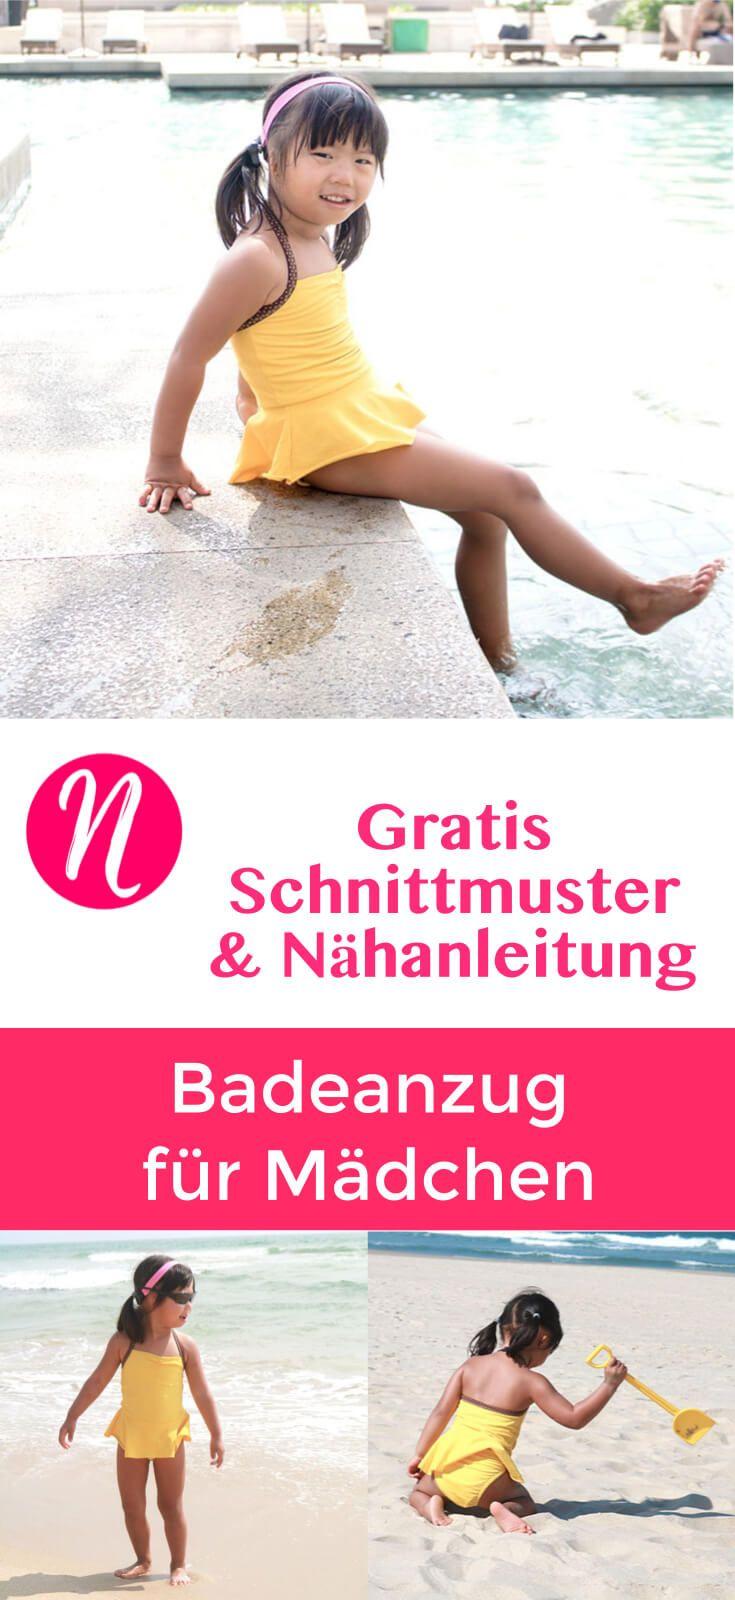 Badeanzug für Mädchen - Freebook | Gratis schnittmuster, Kleine ...